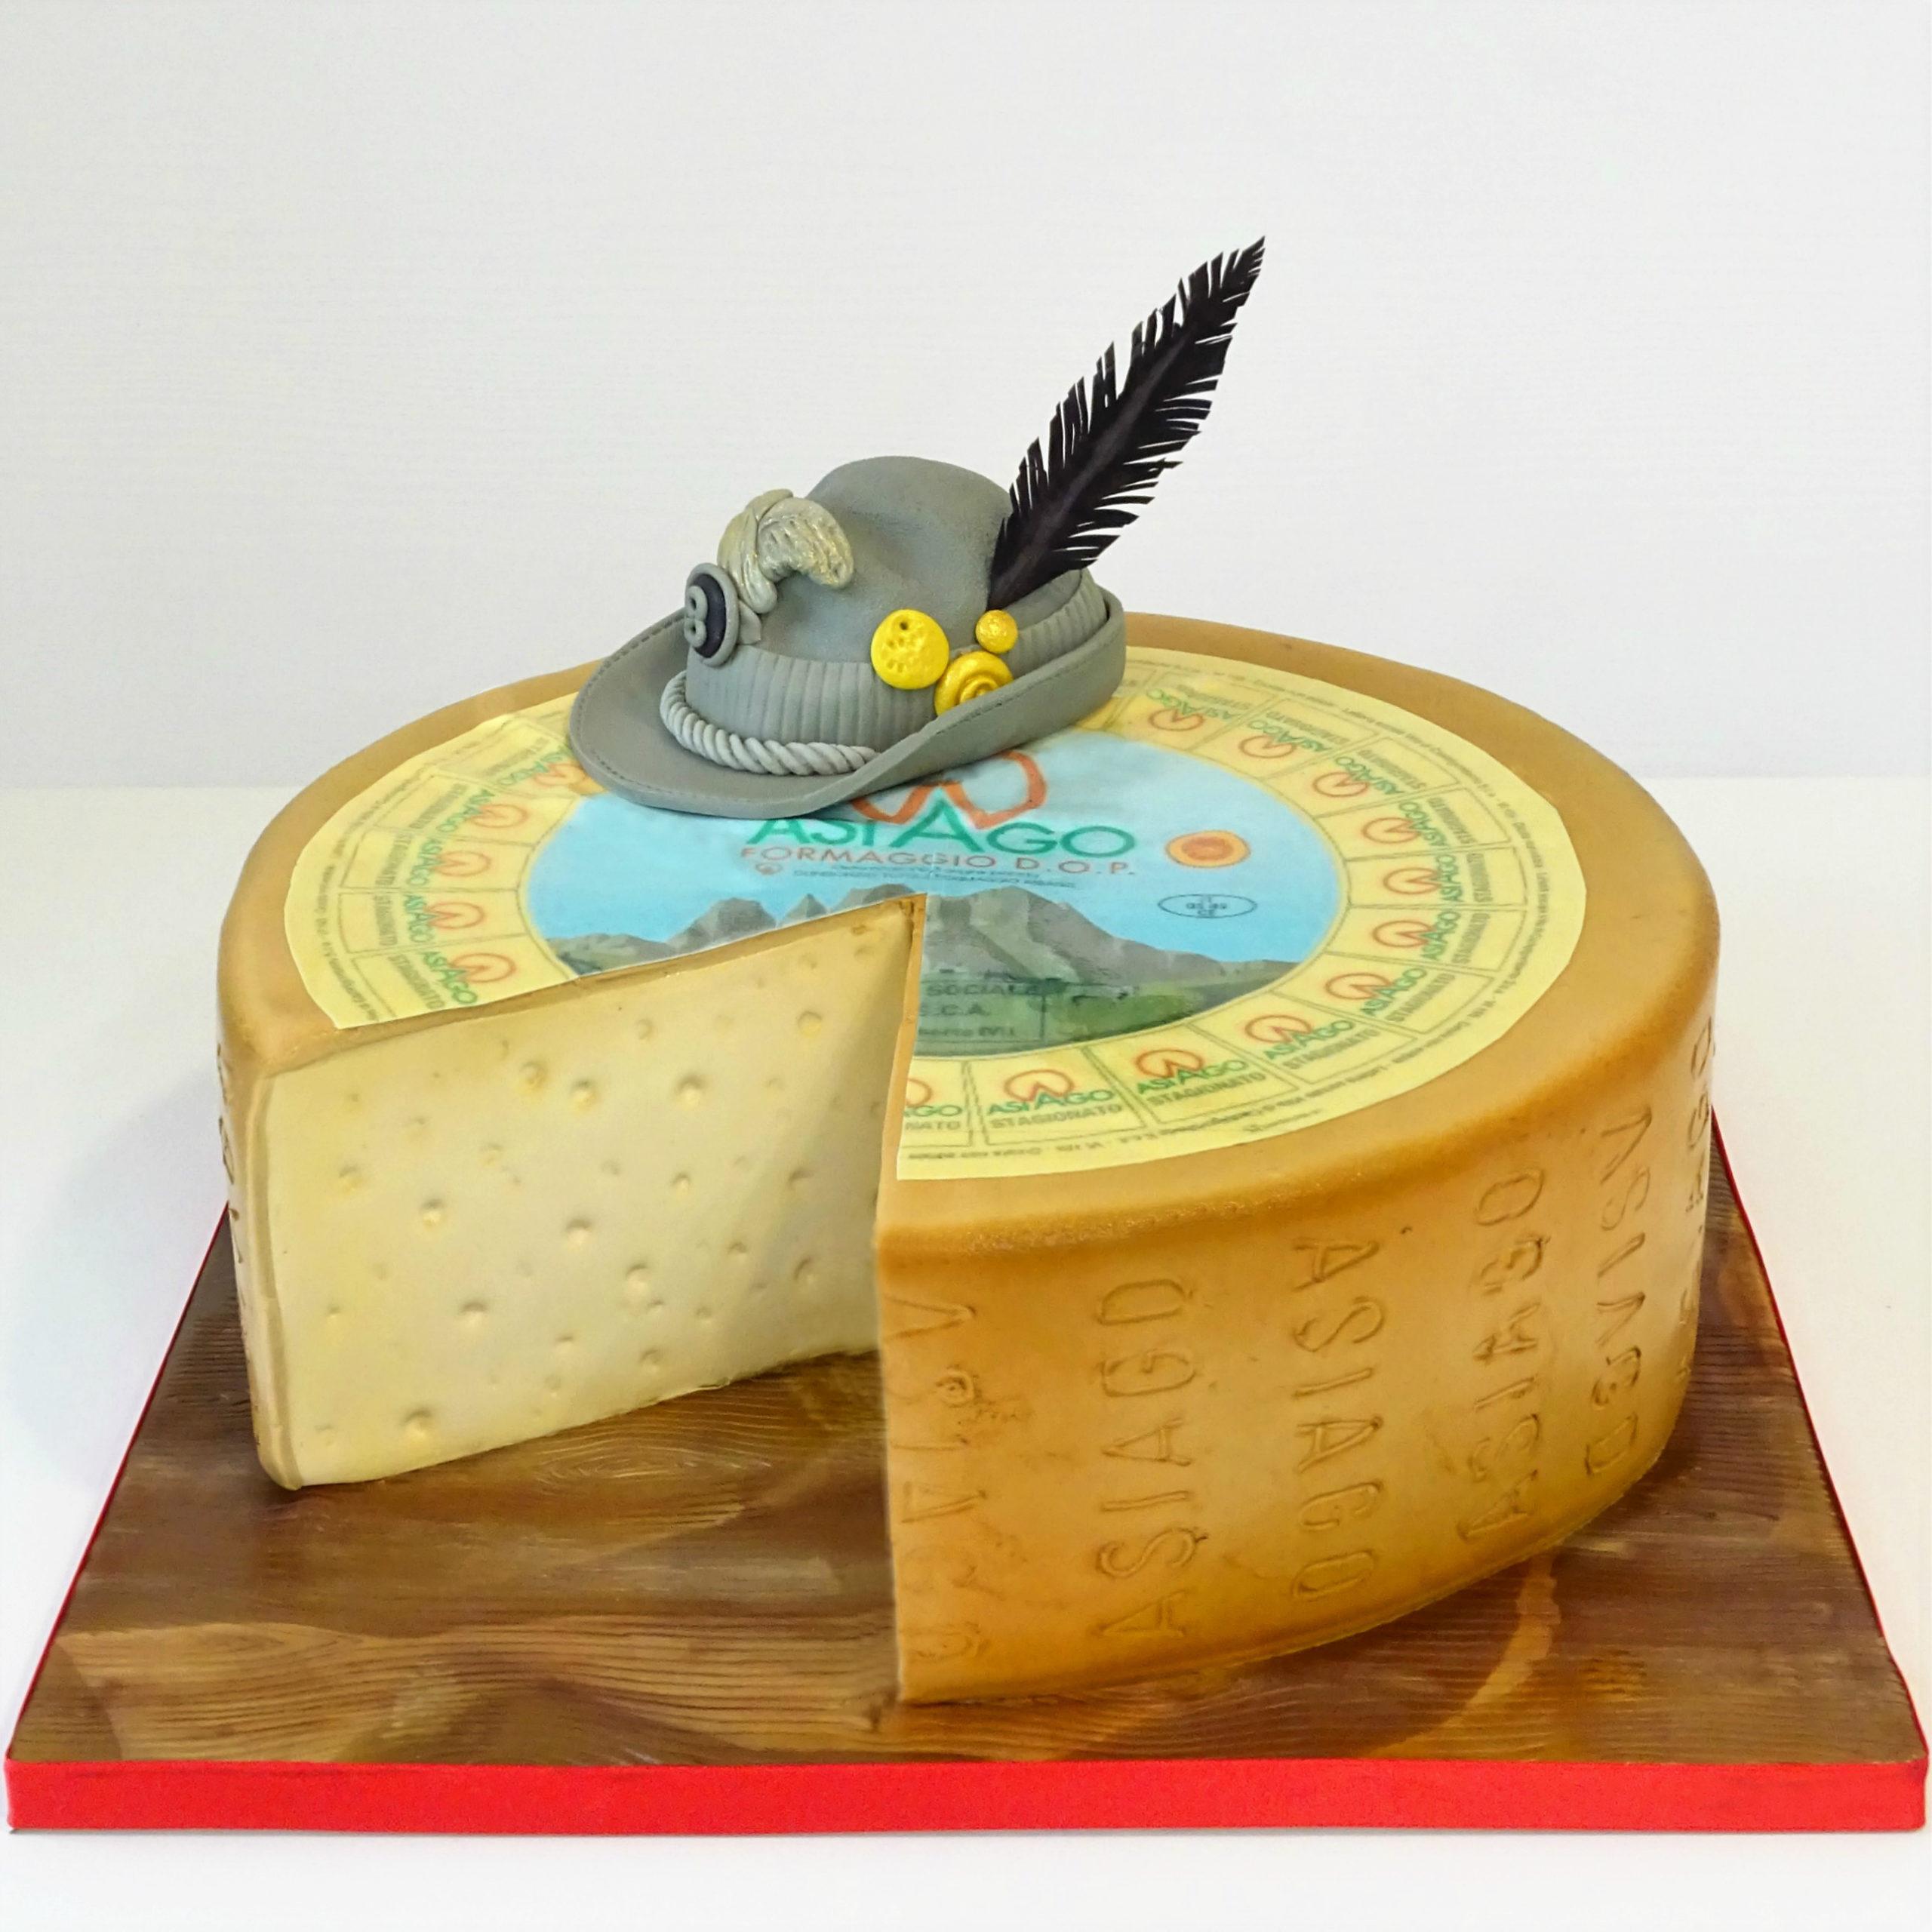 torta compleanno forma formaggio asiago cappello alpino piuma nera